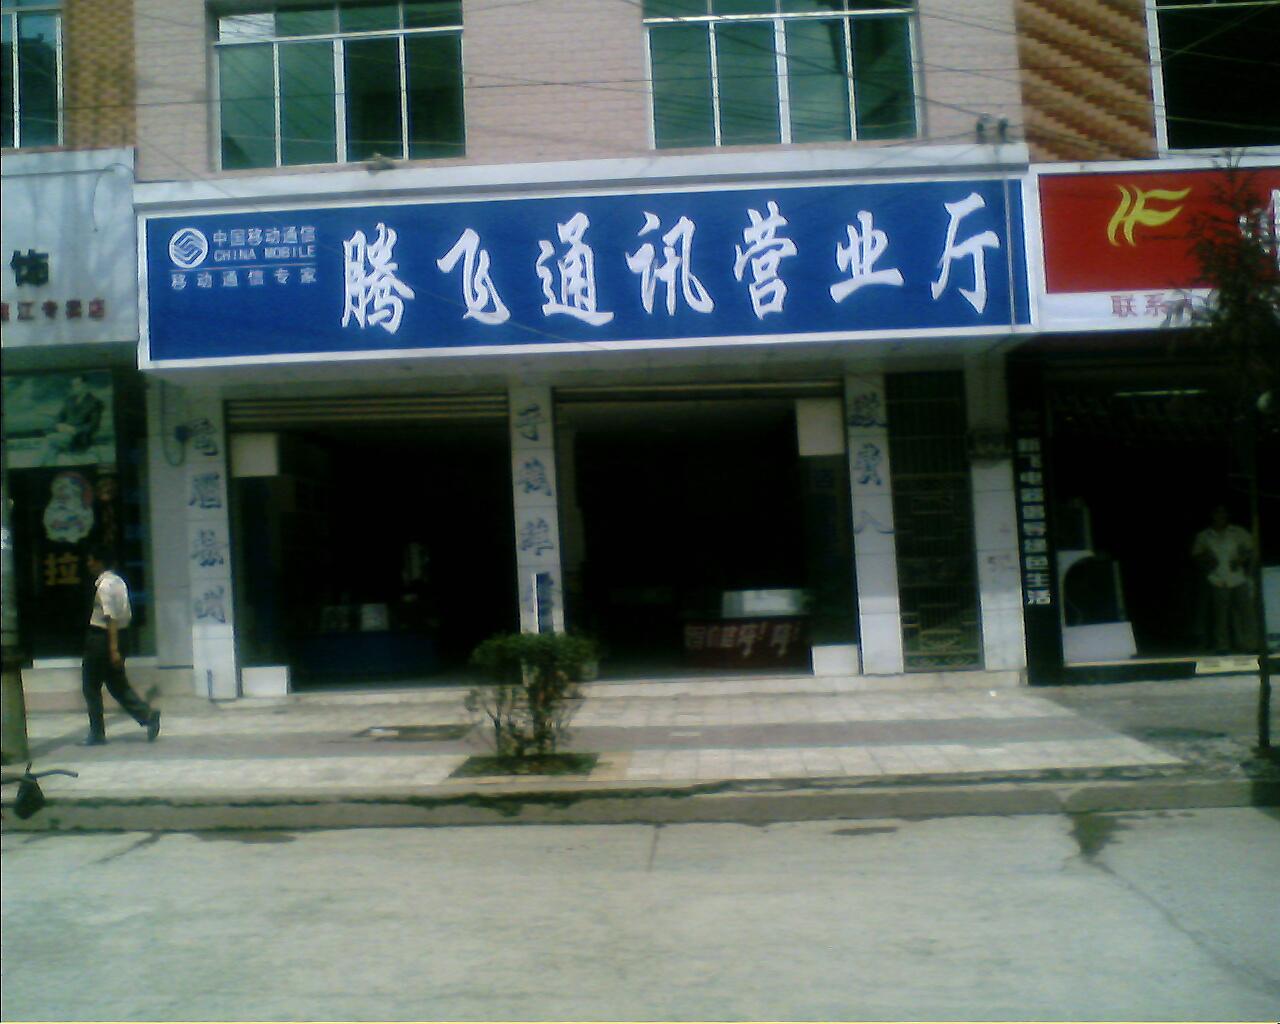 腾飞通讯营业厅